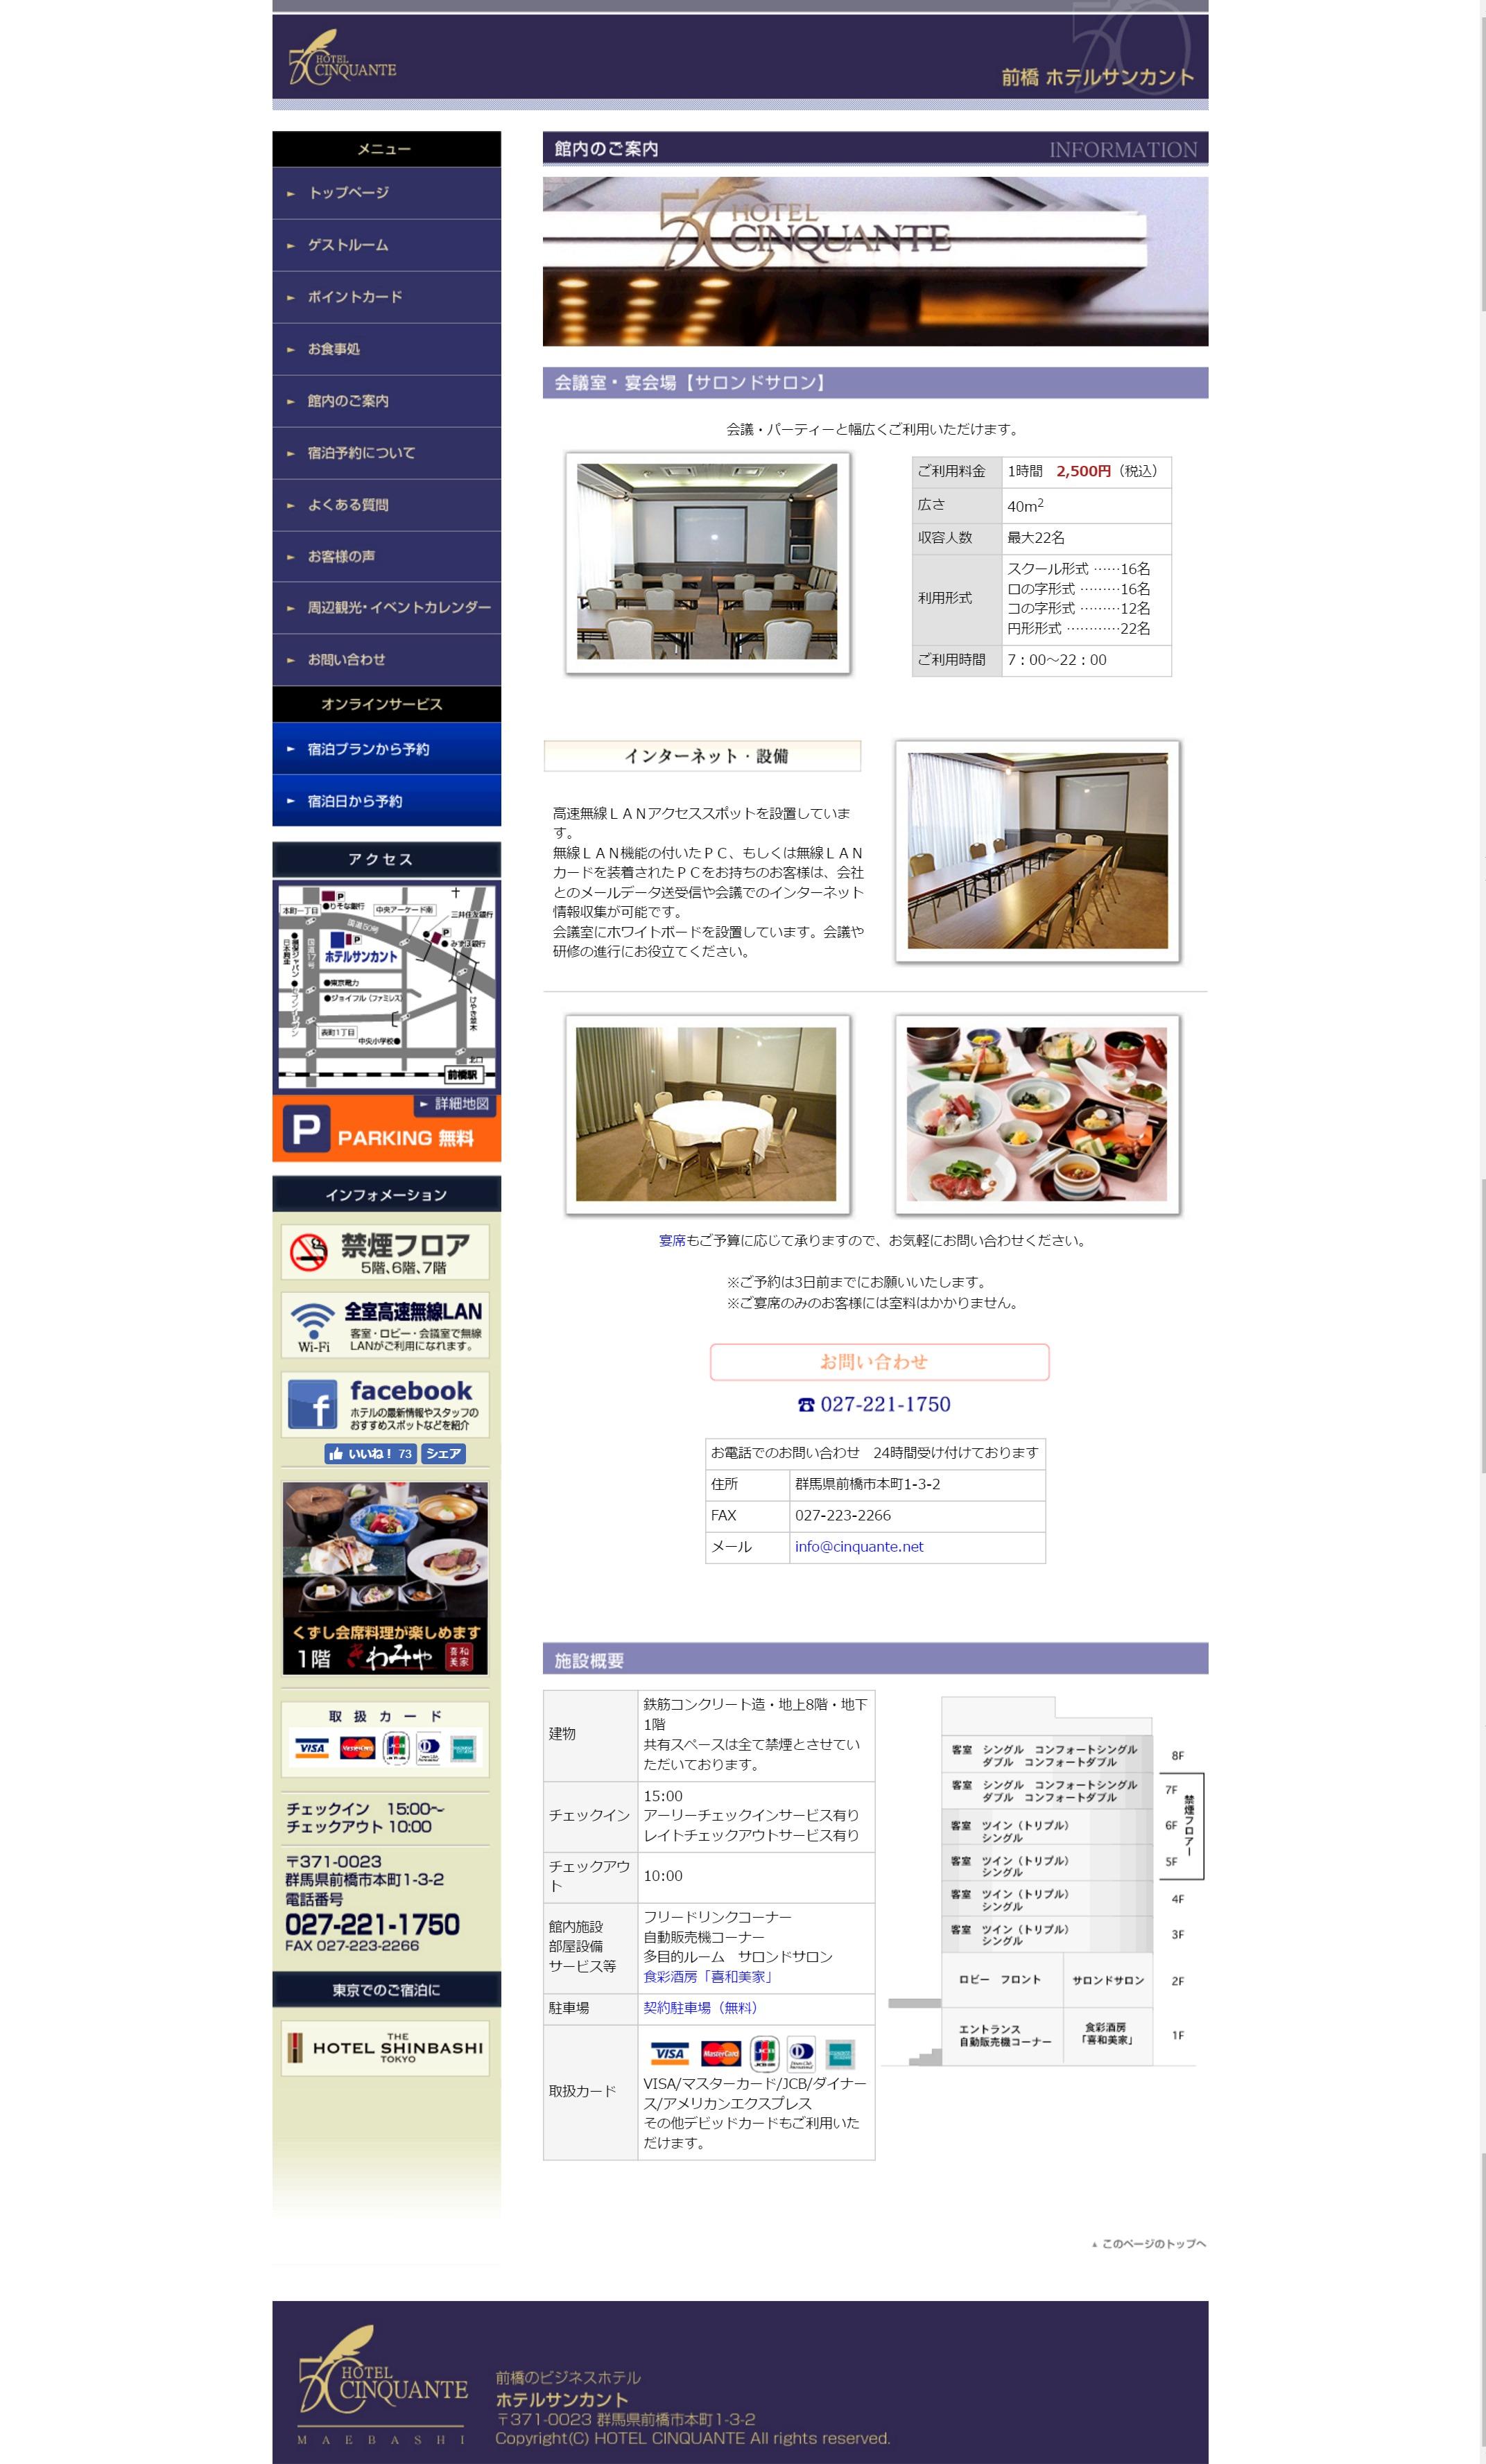 前橋 ホテル サンカント:施設紹介